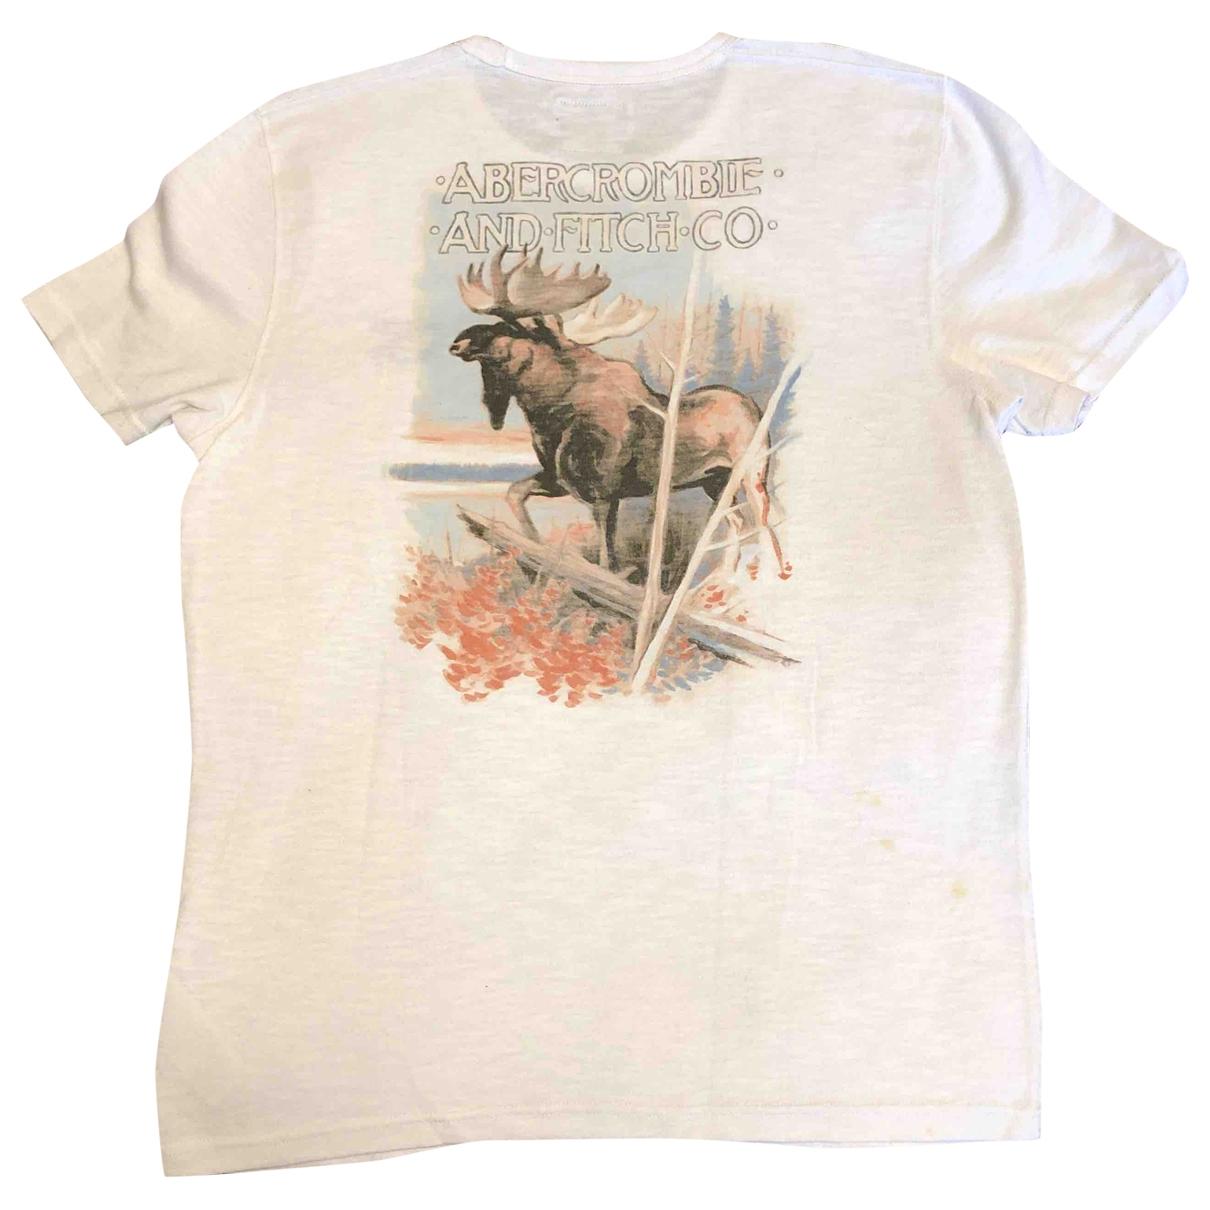 Abercrombie & Fitch - Tee shirts   pour homme en coton - blanc